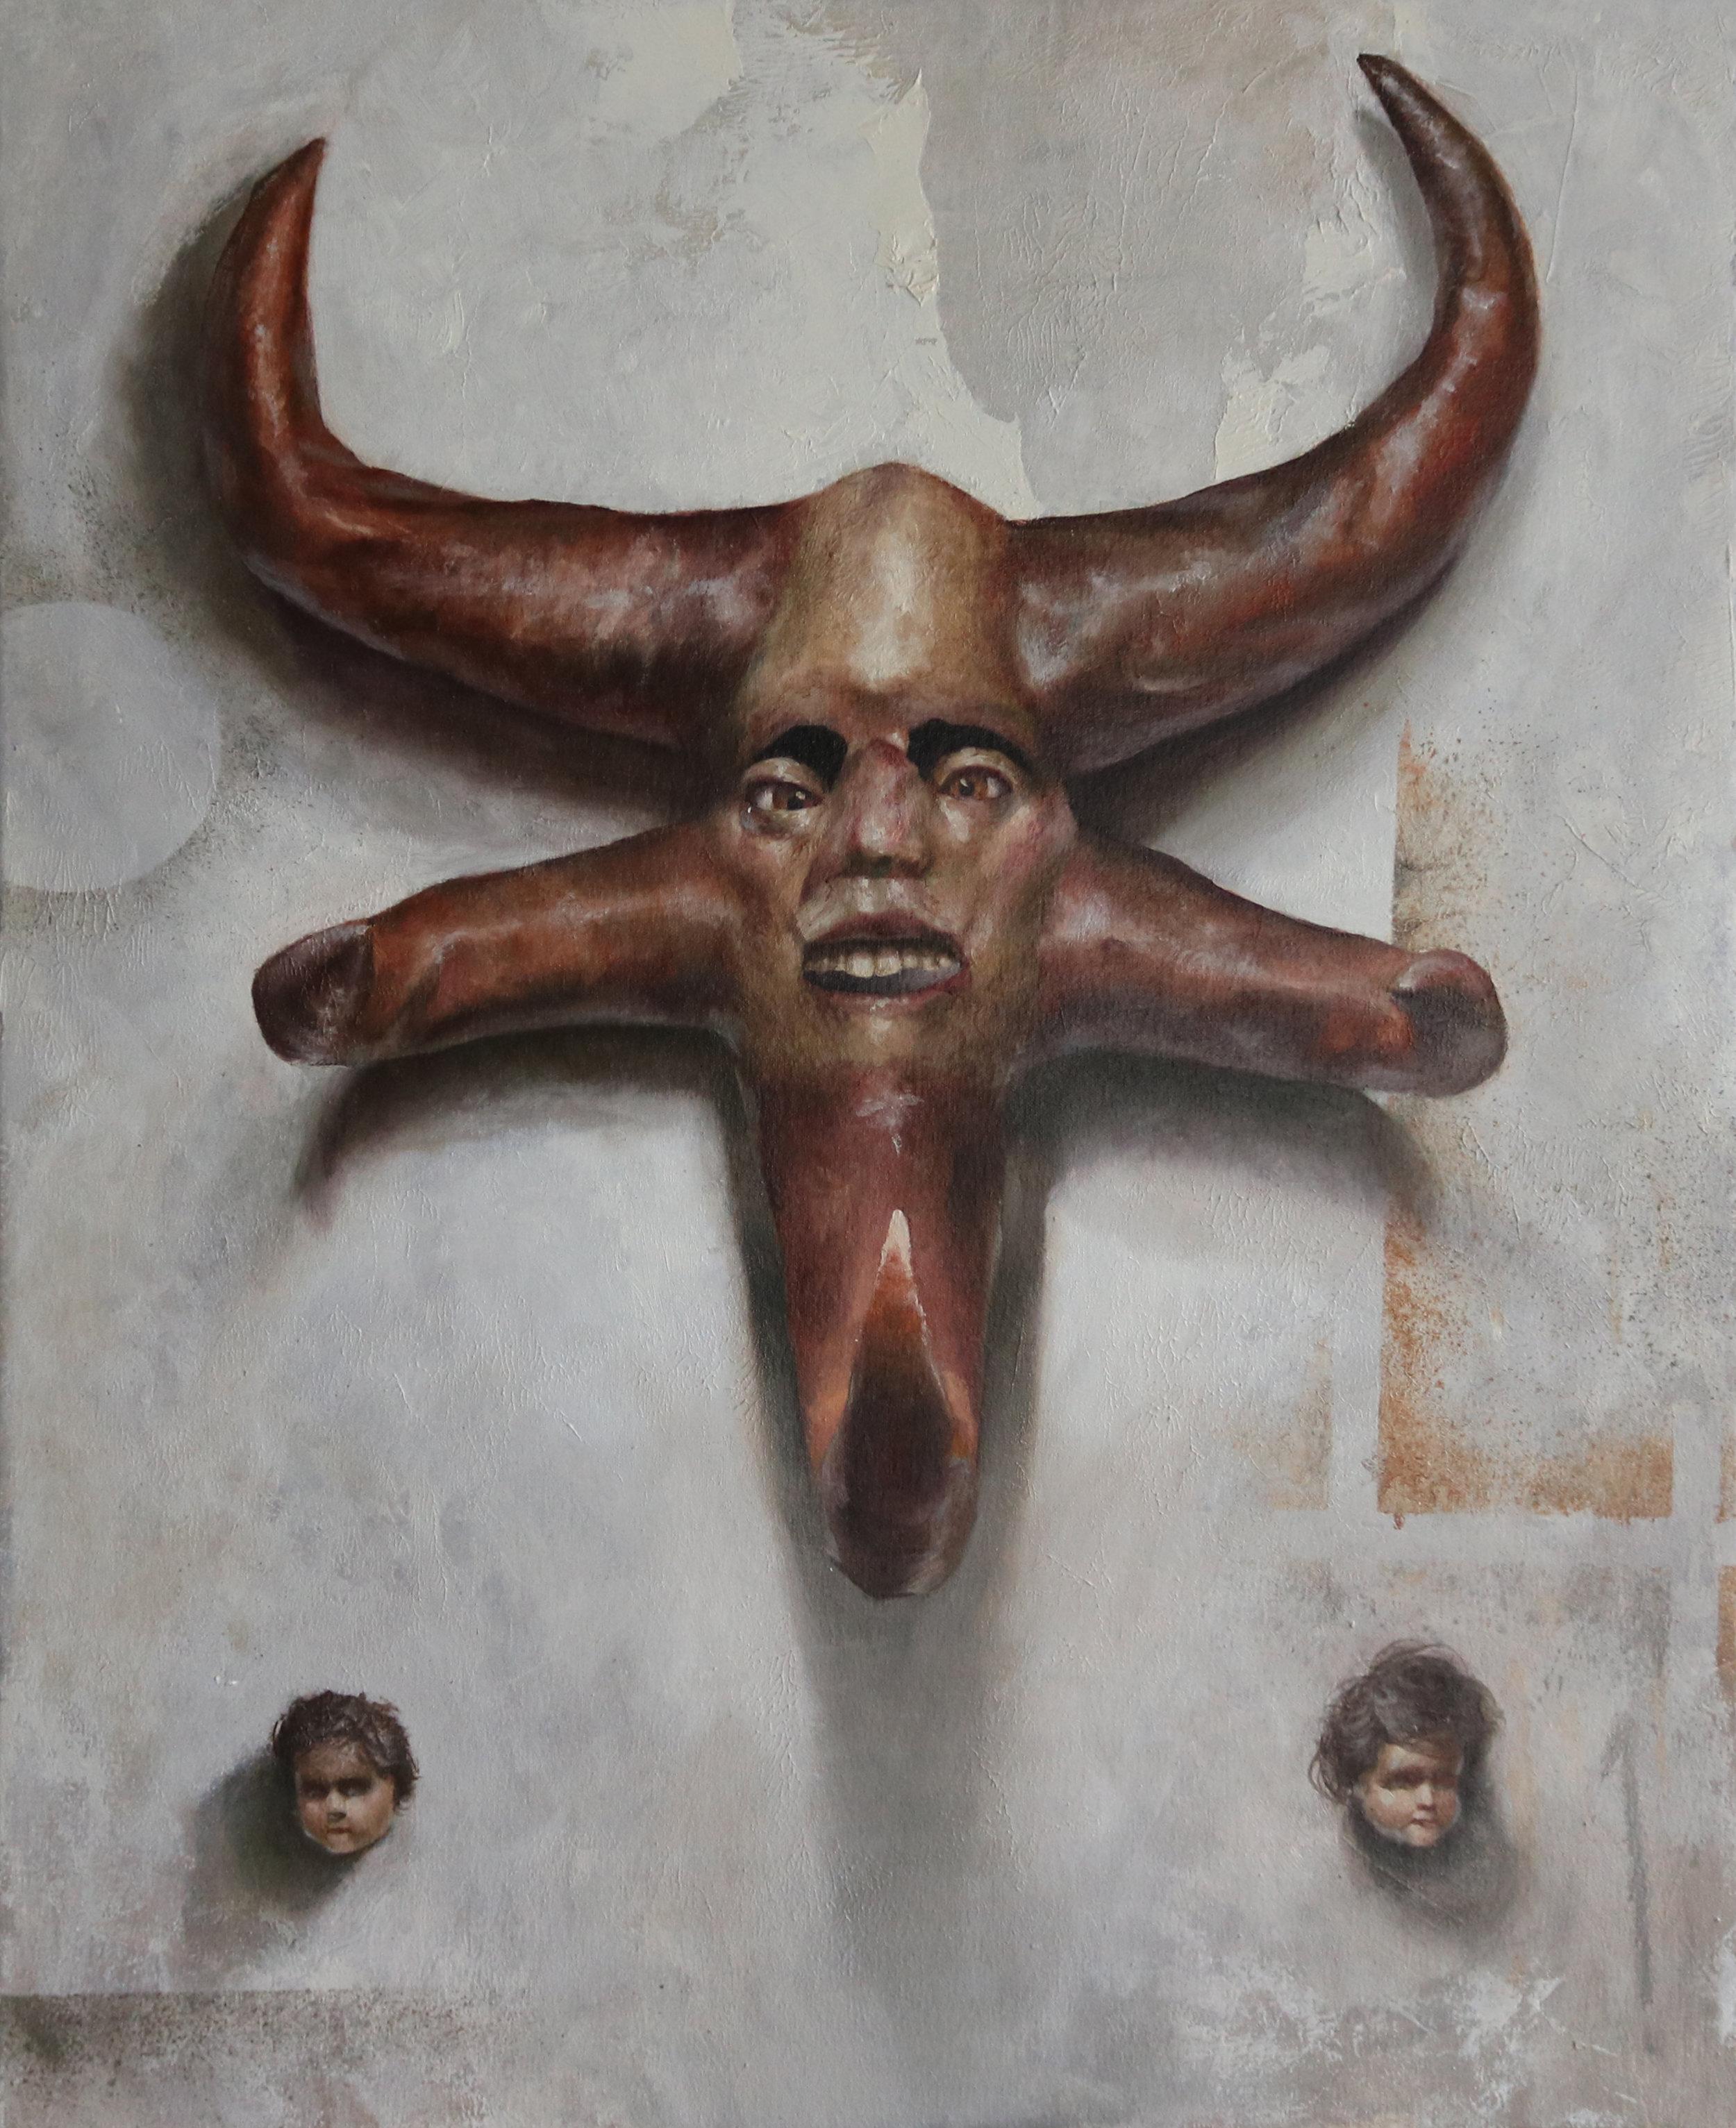 """Jotham Malavé  La cara del extasiado  Oil on canvas  32"""" x 26""""  2018"""